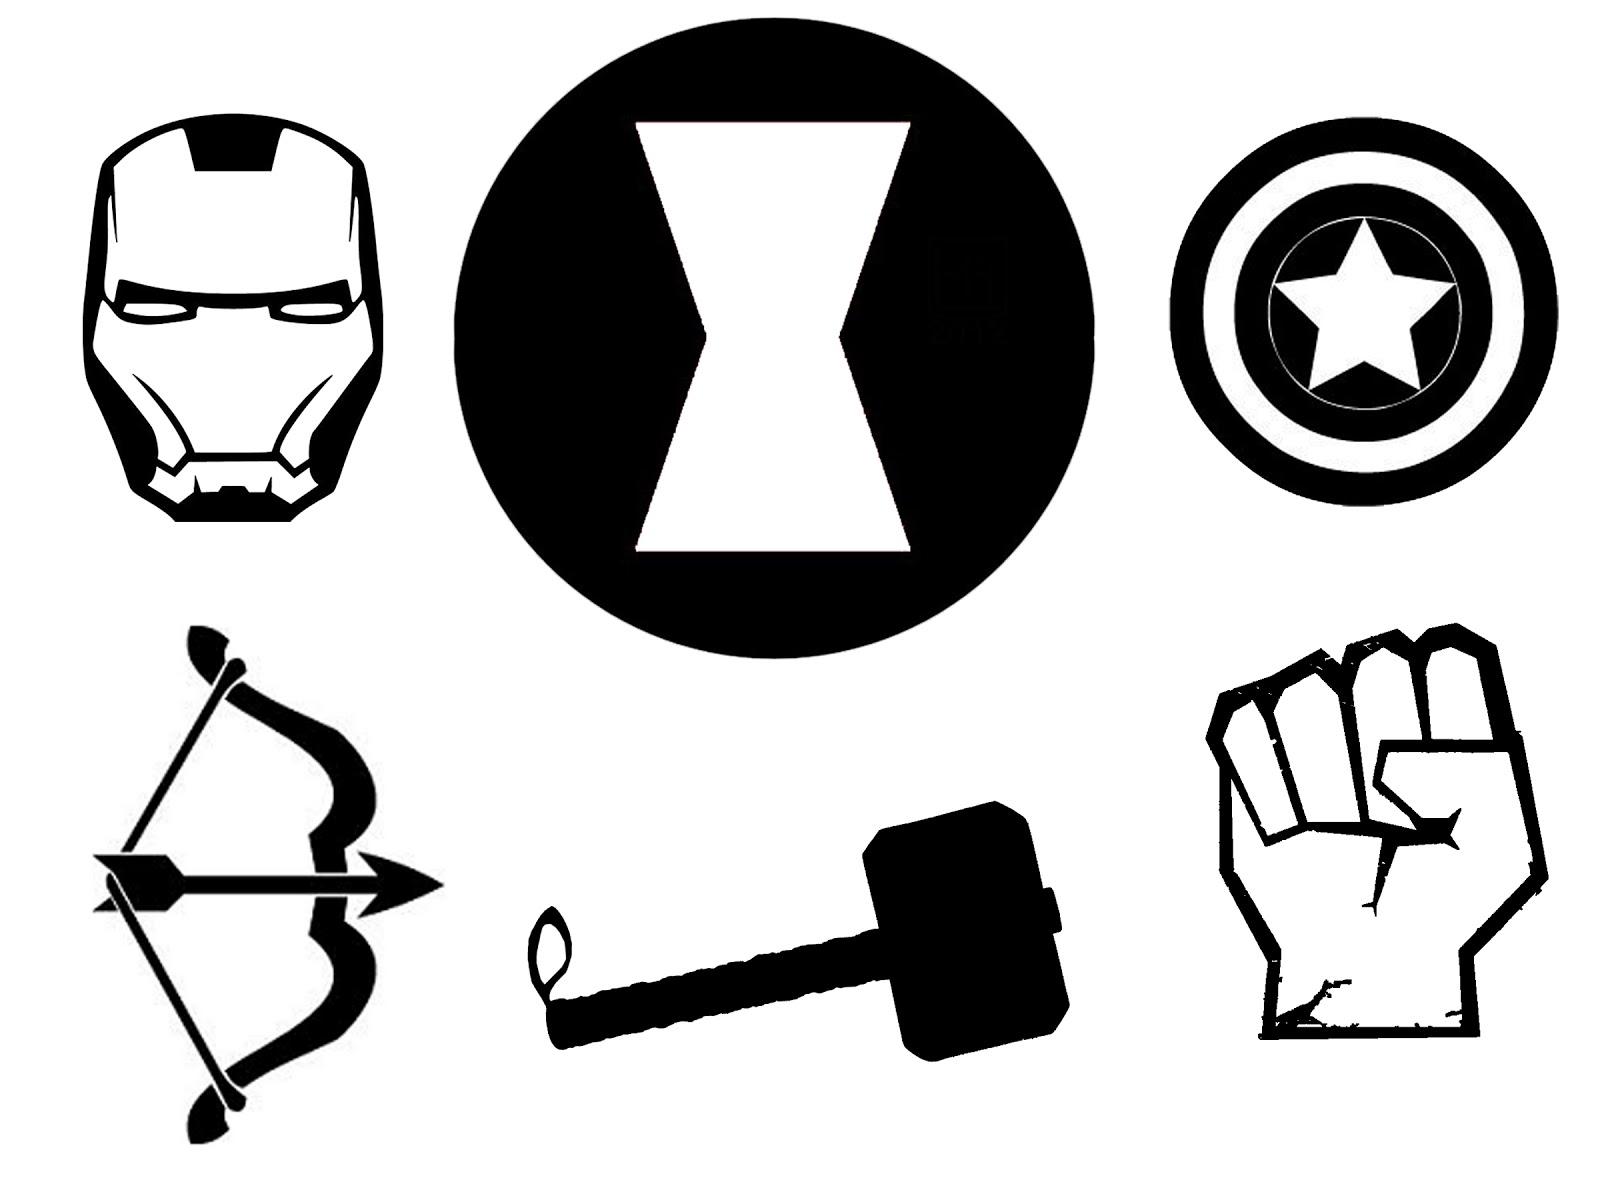 Avengers Symbol Images - ClipArt Best